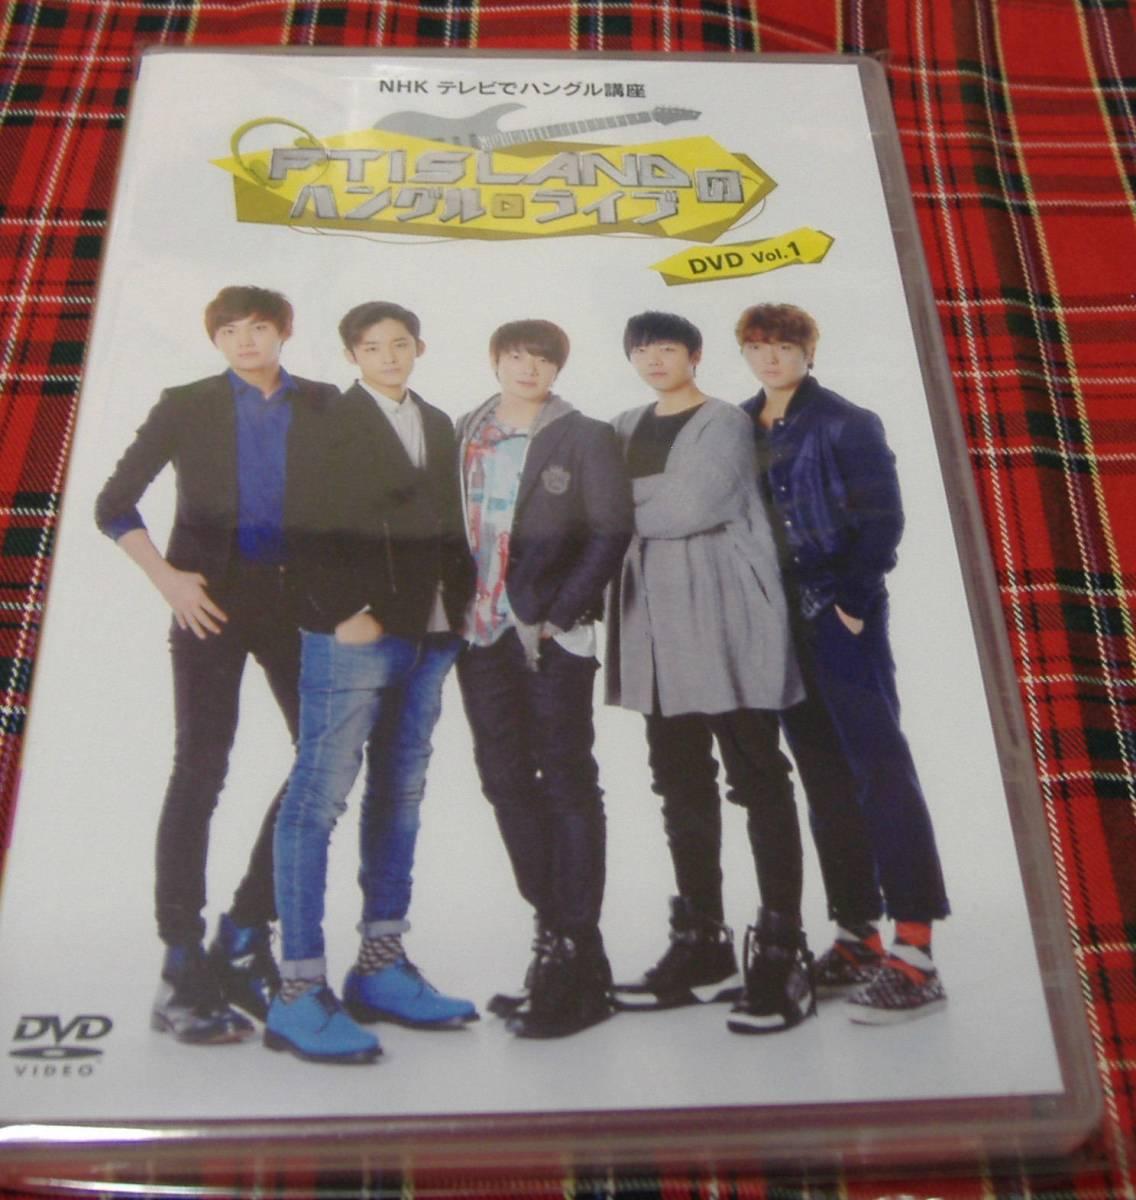 即決 NHK テレビでハングル講座 FTISLANDのハングルライブ DVD Vol.1 送料164円